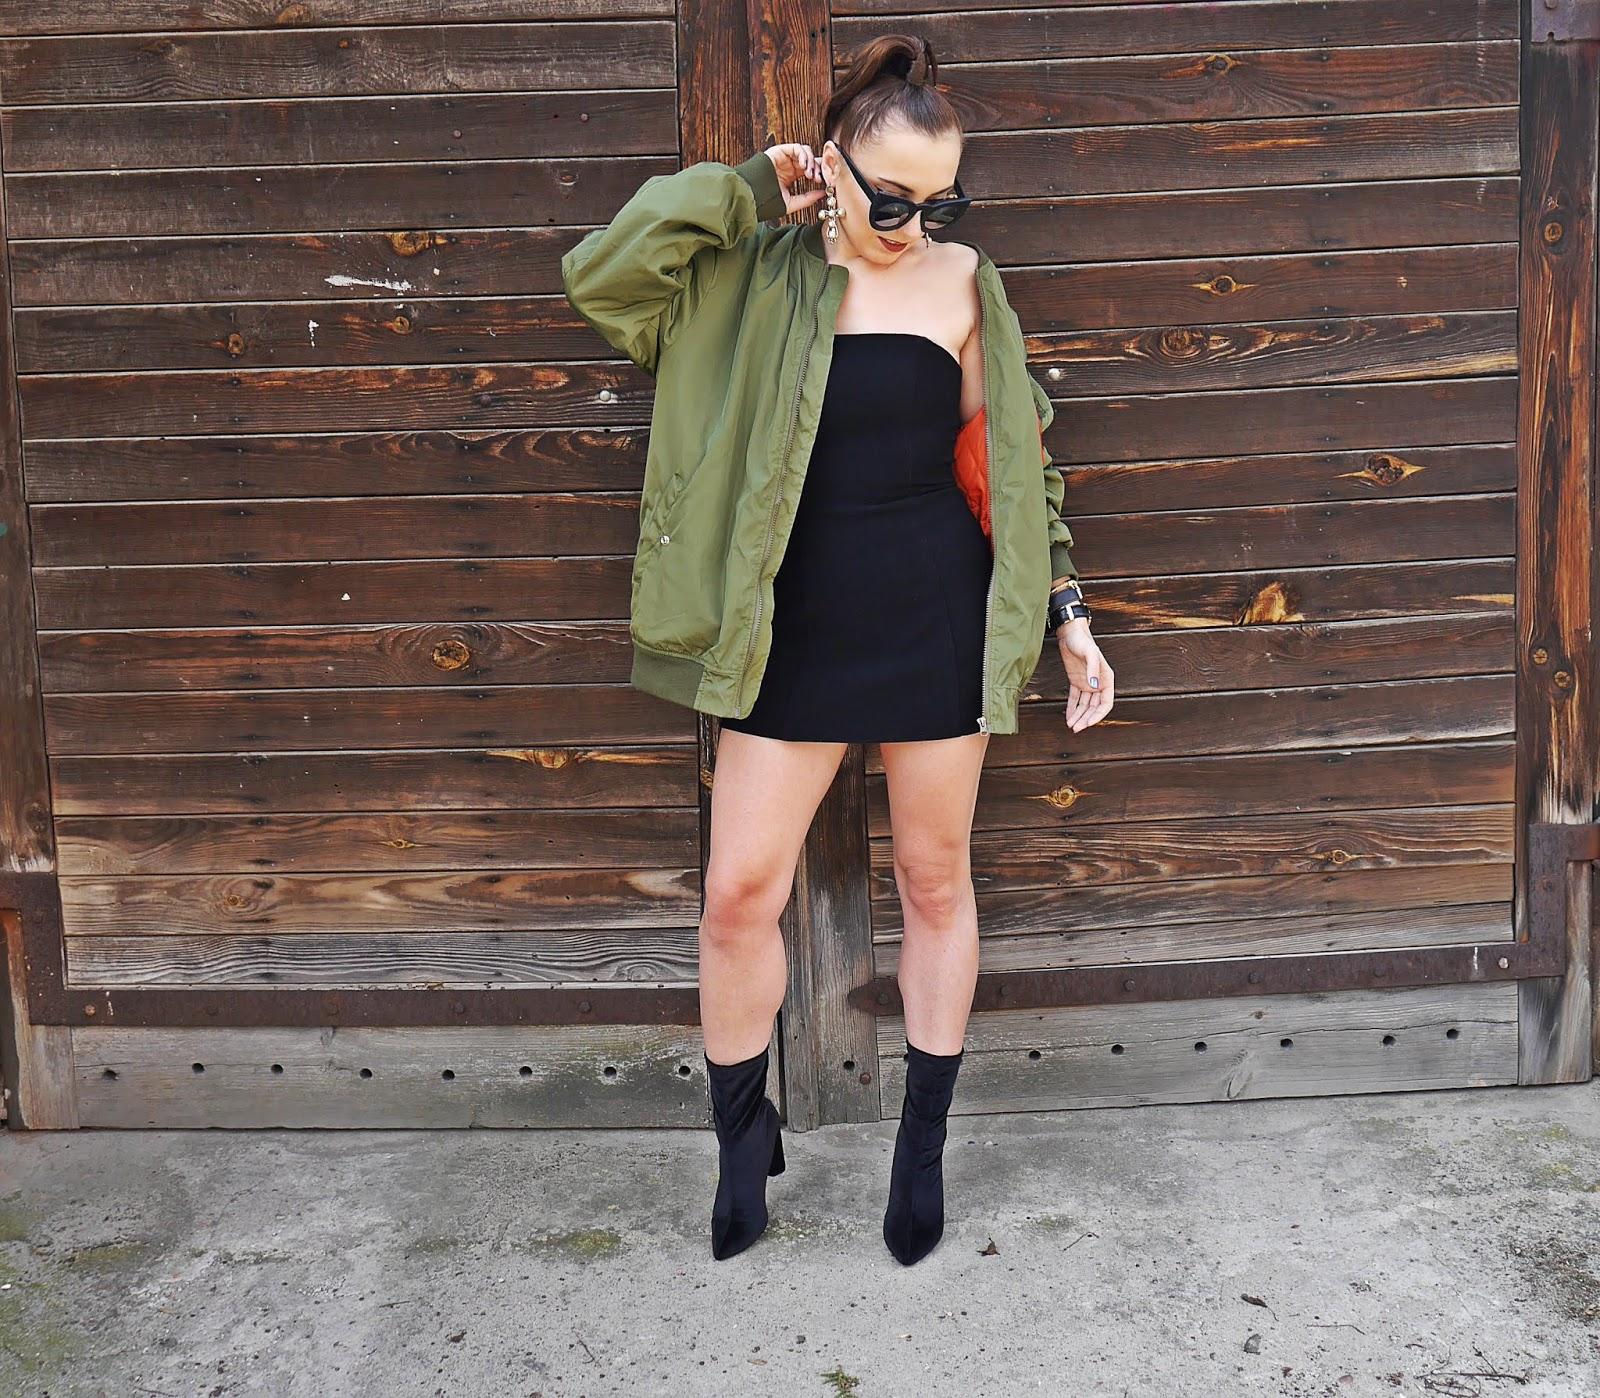 czarna sukienka h&m botki skarpetkowe renee zielona bomberka karyn blog modowy